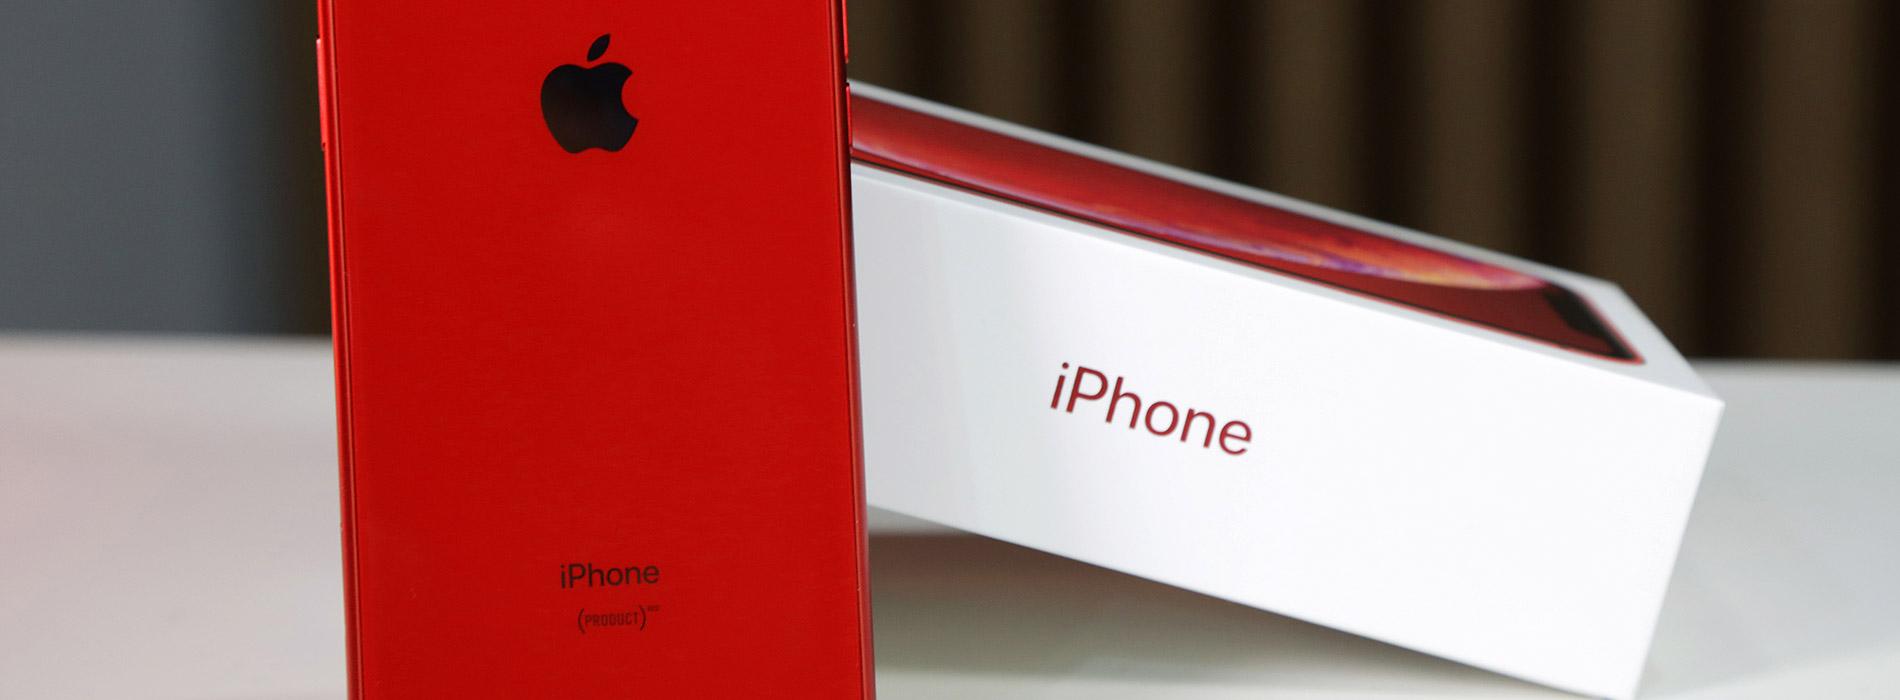 Análise do iPhone XR: Provavelmente a melhor opção entre os iPhones de 2018